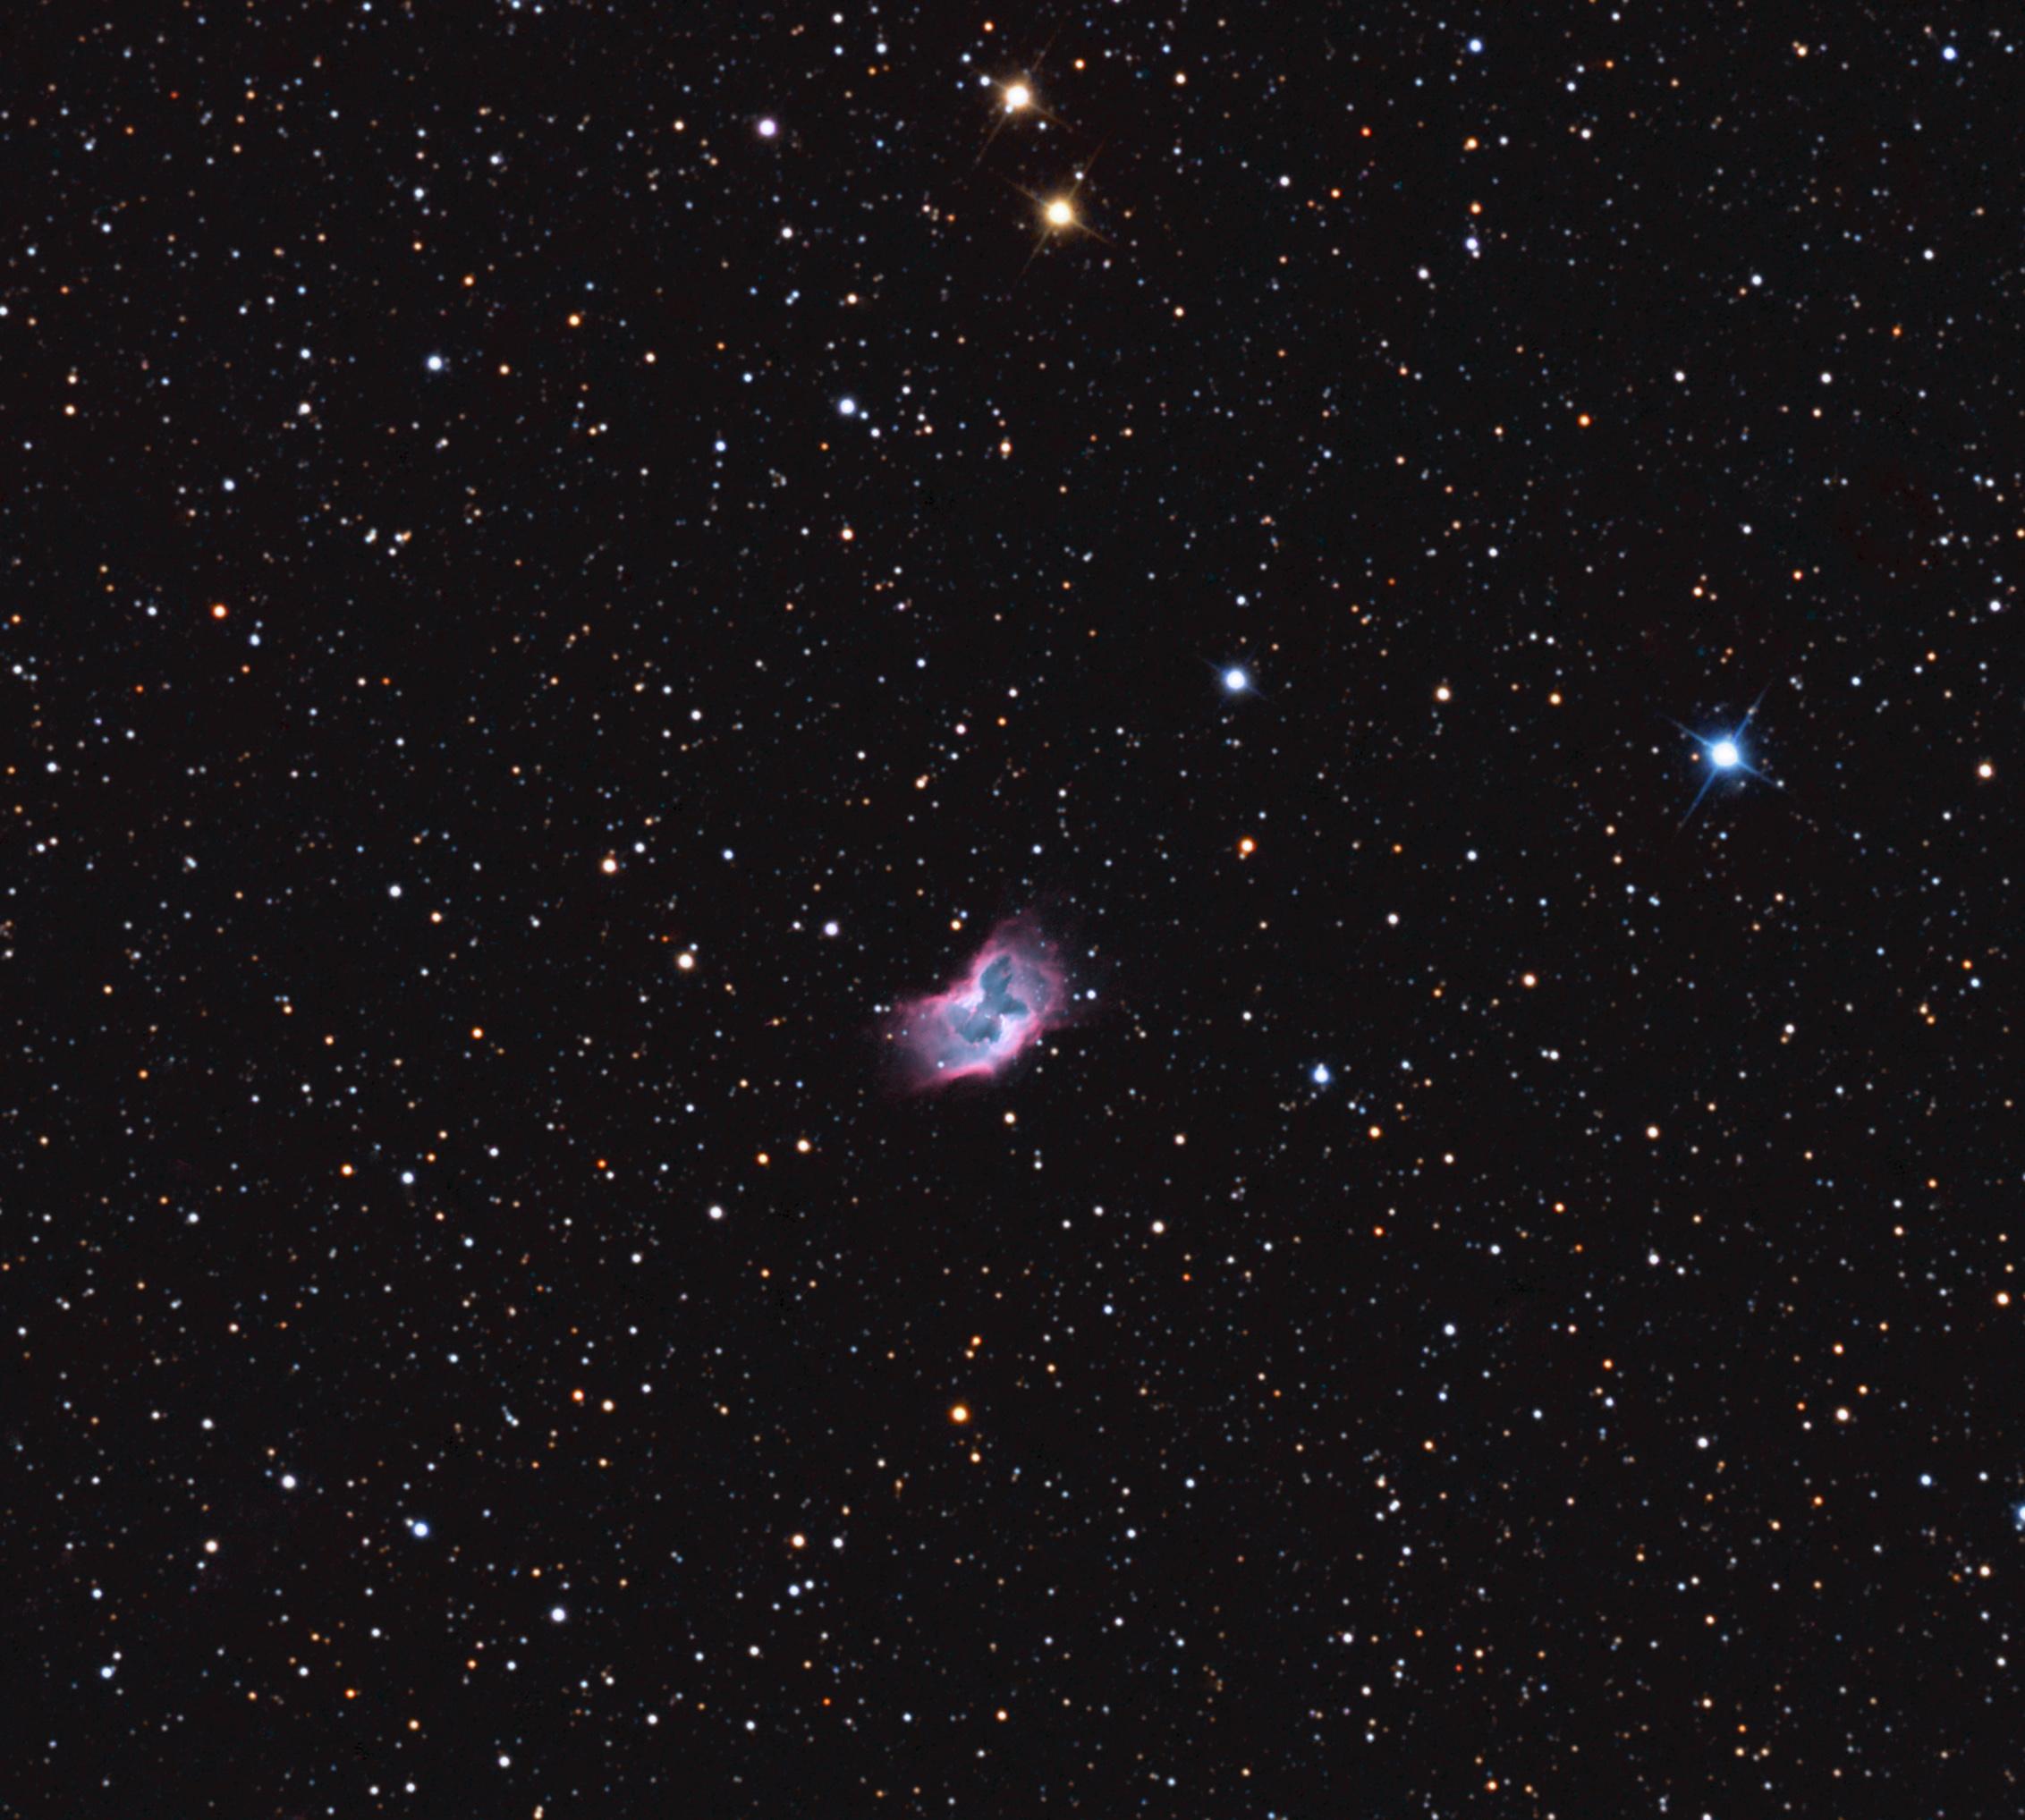 NGC 2899 Bipolar PNe in Vela